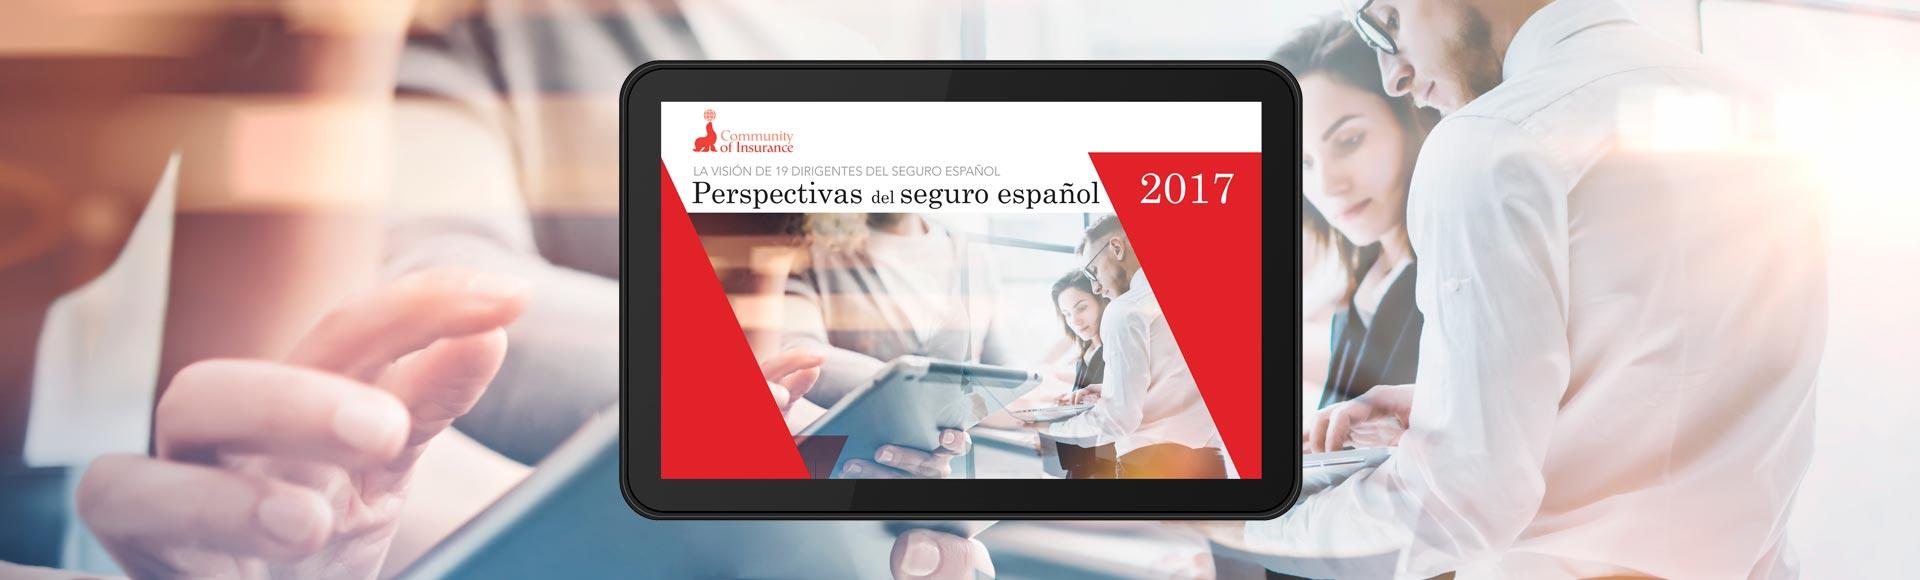 [eBook] Perspectivas del seguro español 2017[eBook] Perspectivas del seguro español 2017